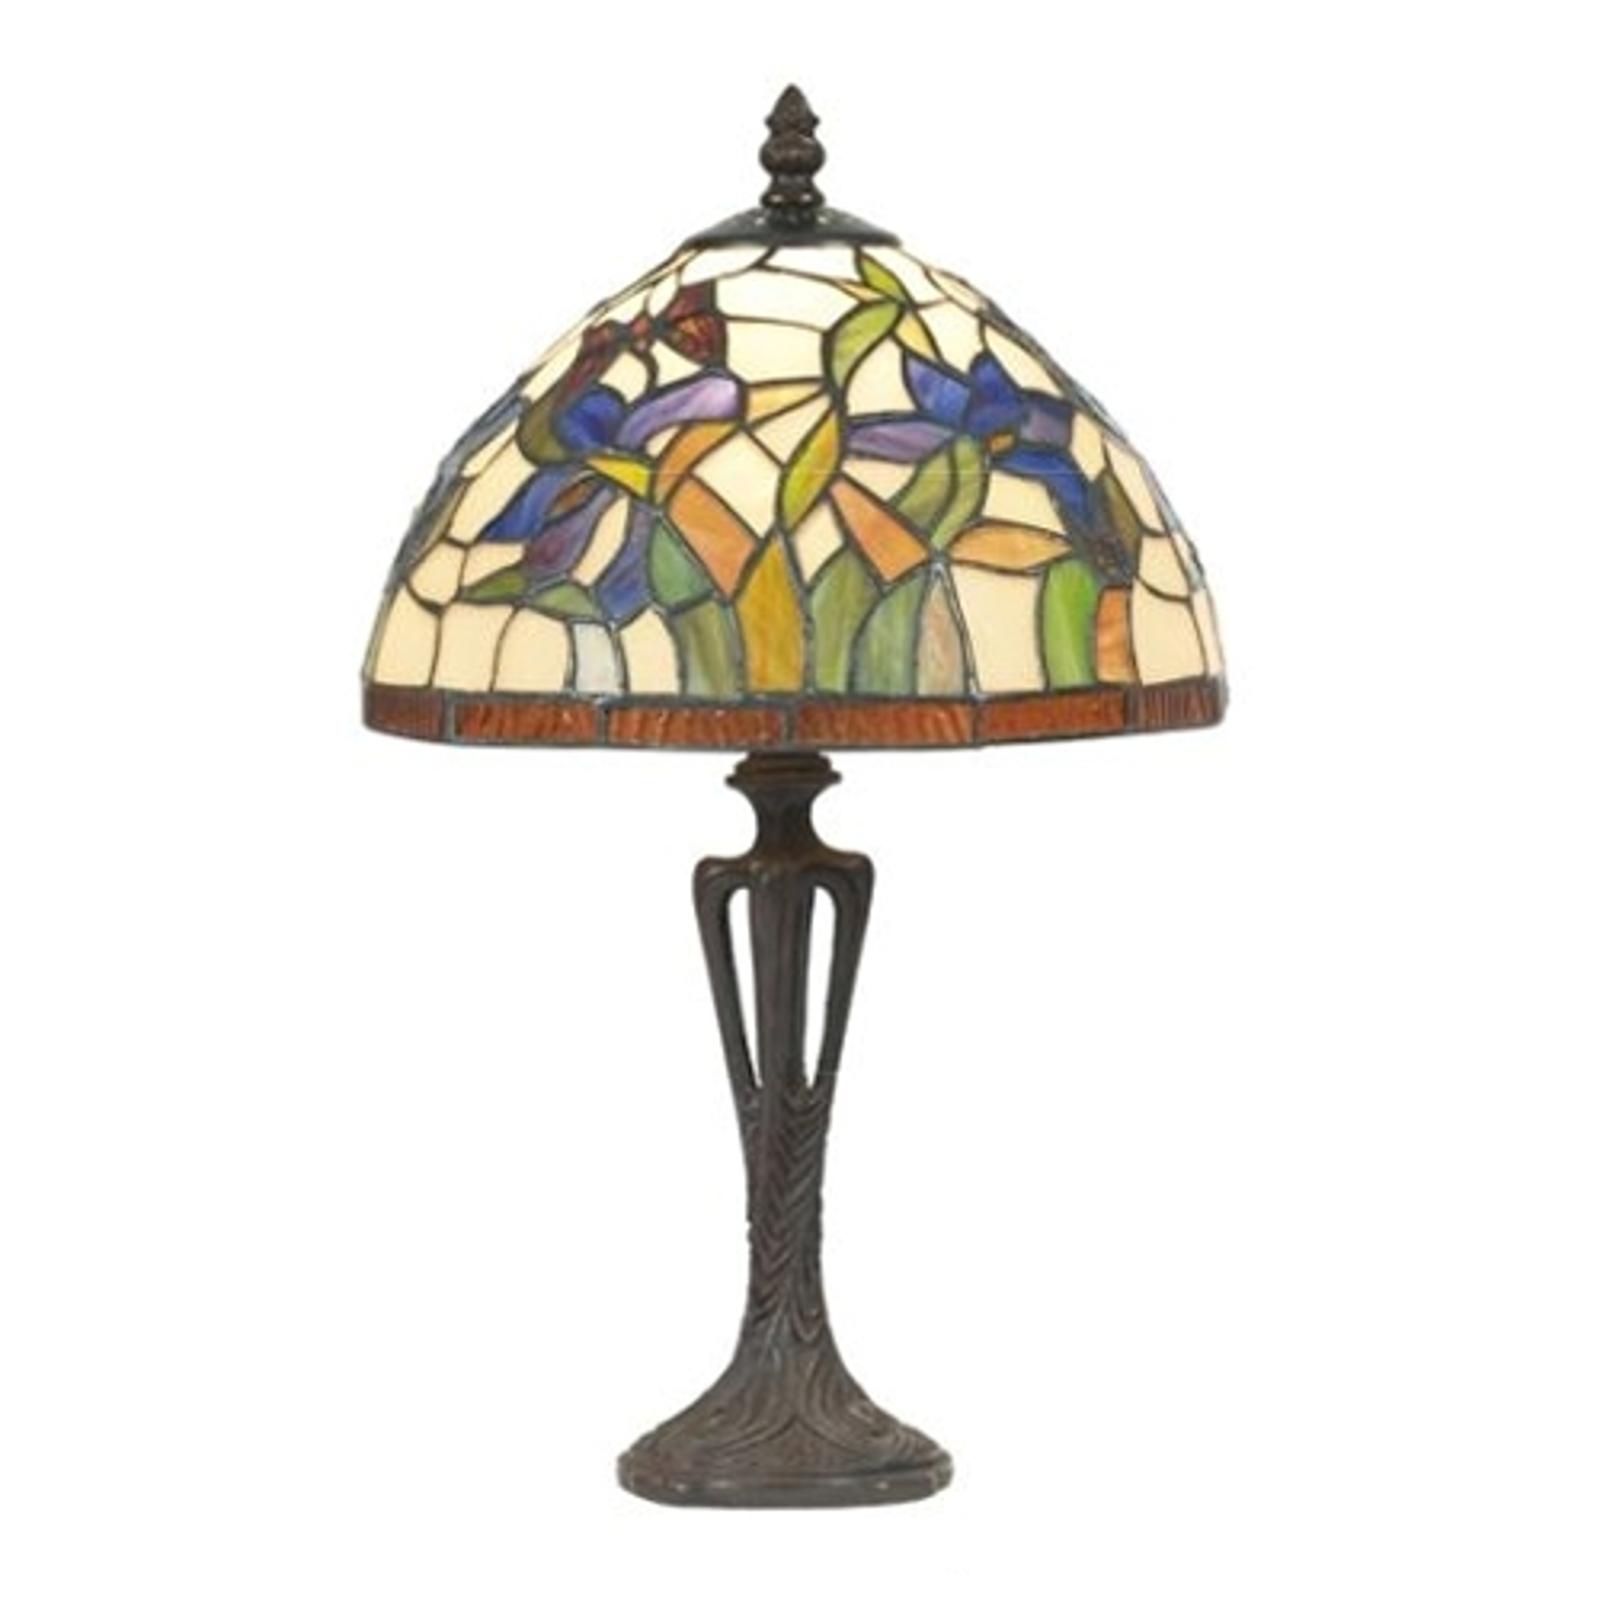 Beschaafde tafellamp ELANDA in Tiffany-stijl 41 cm